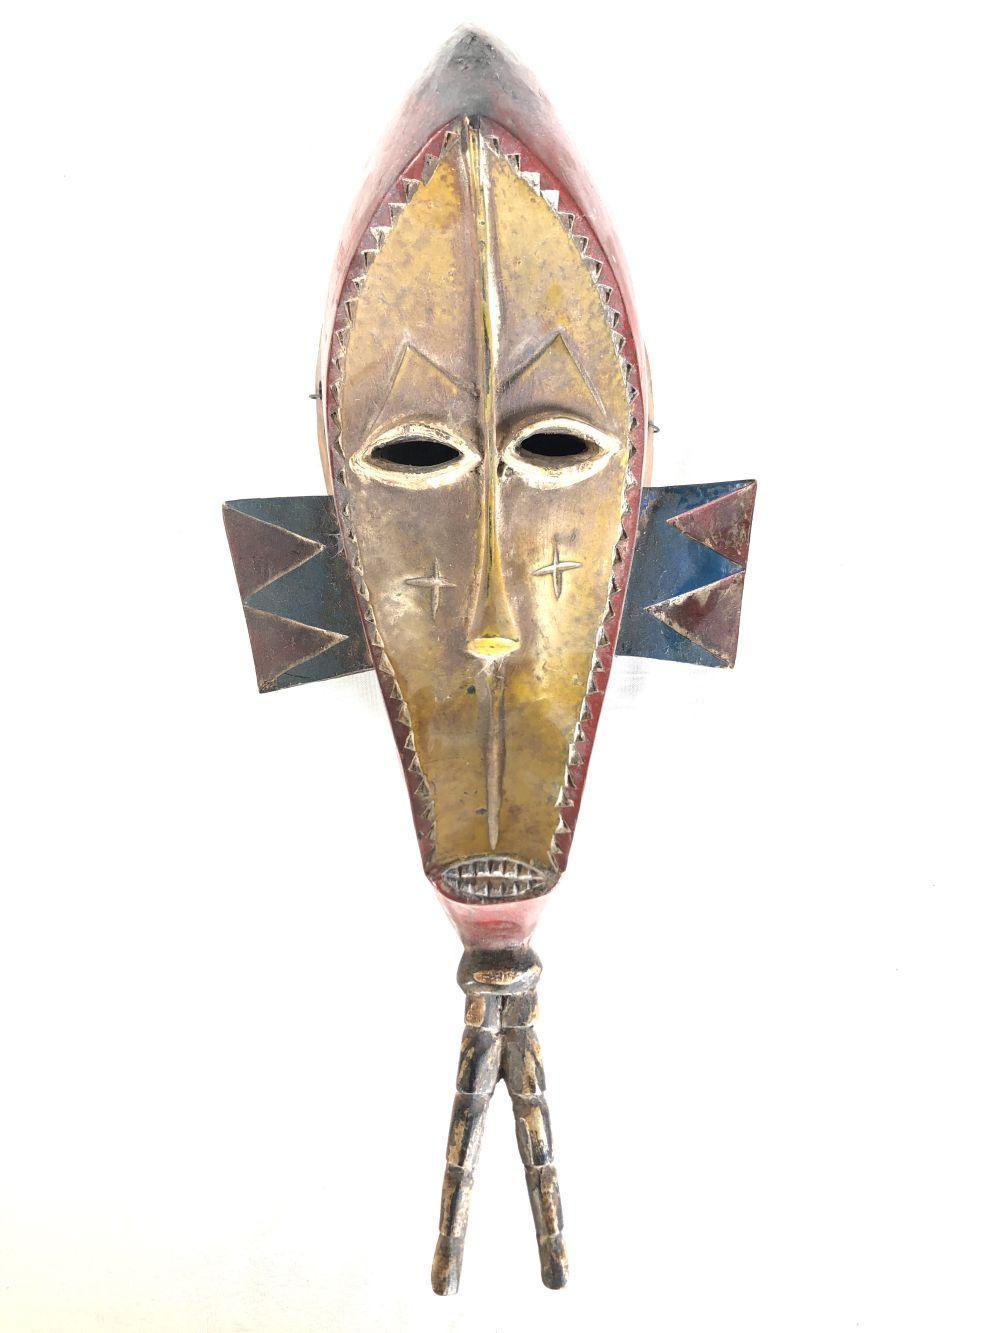 Guro Ivory Coast Wood Carved Mask